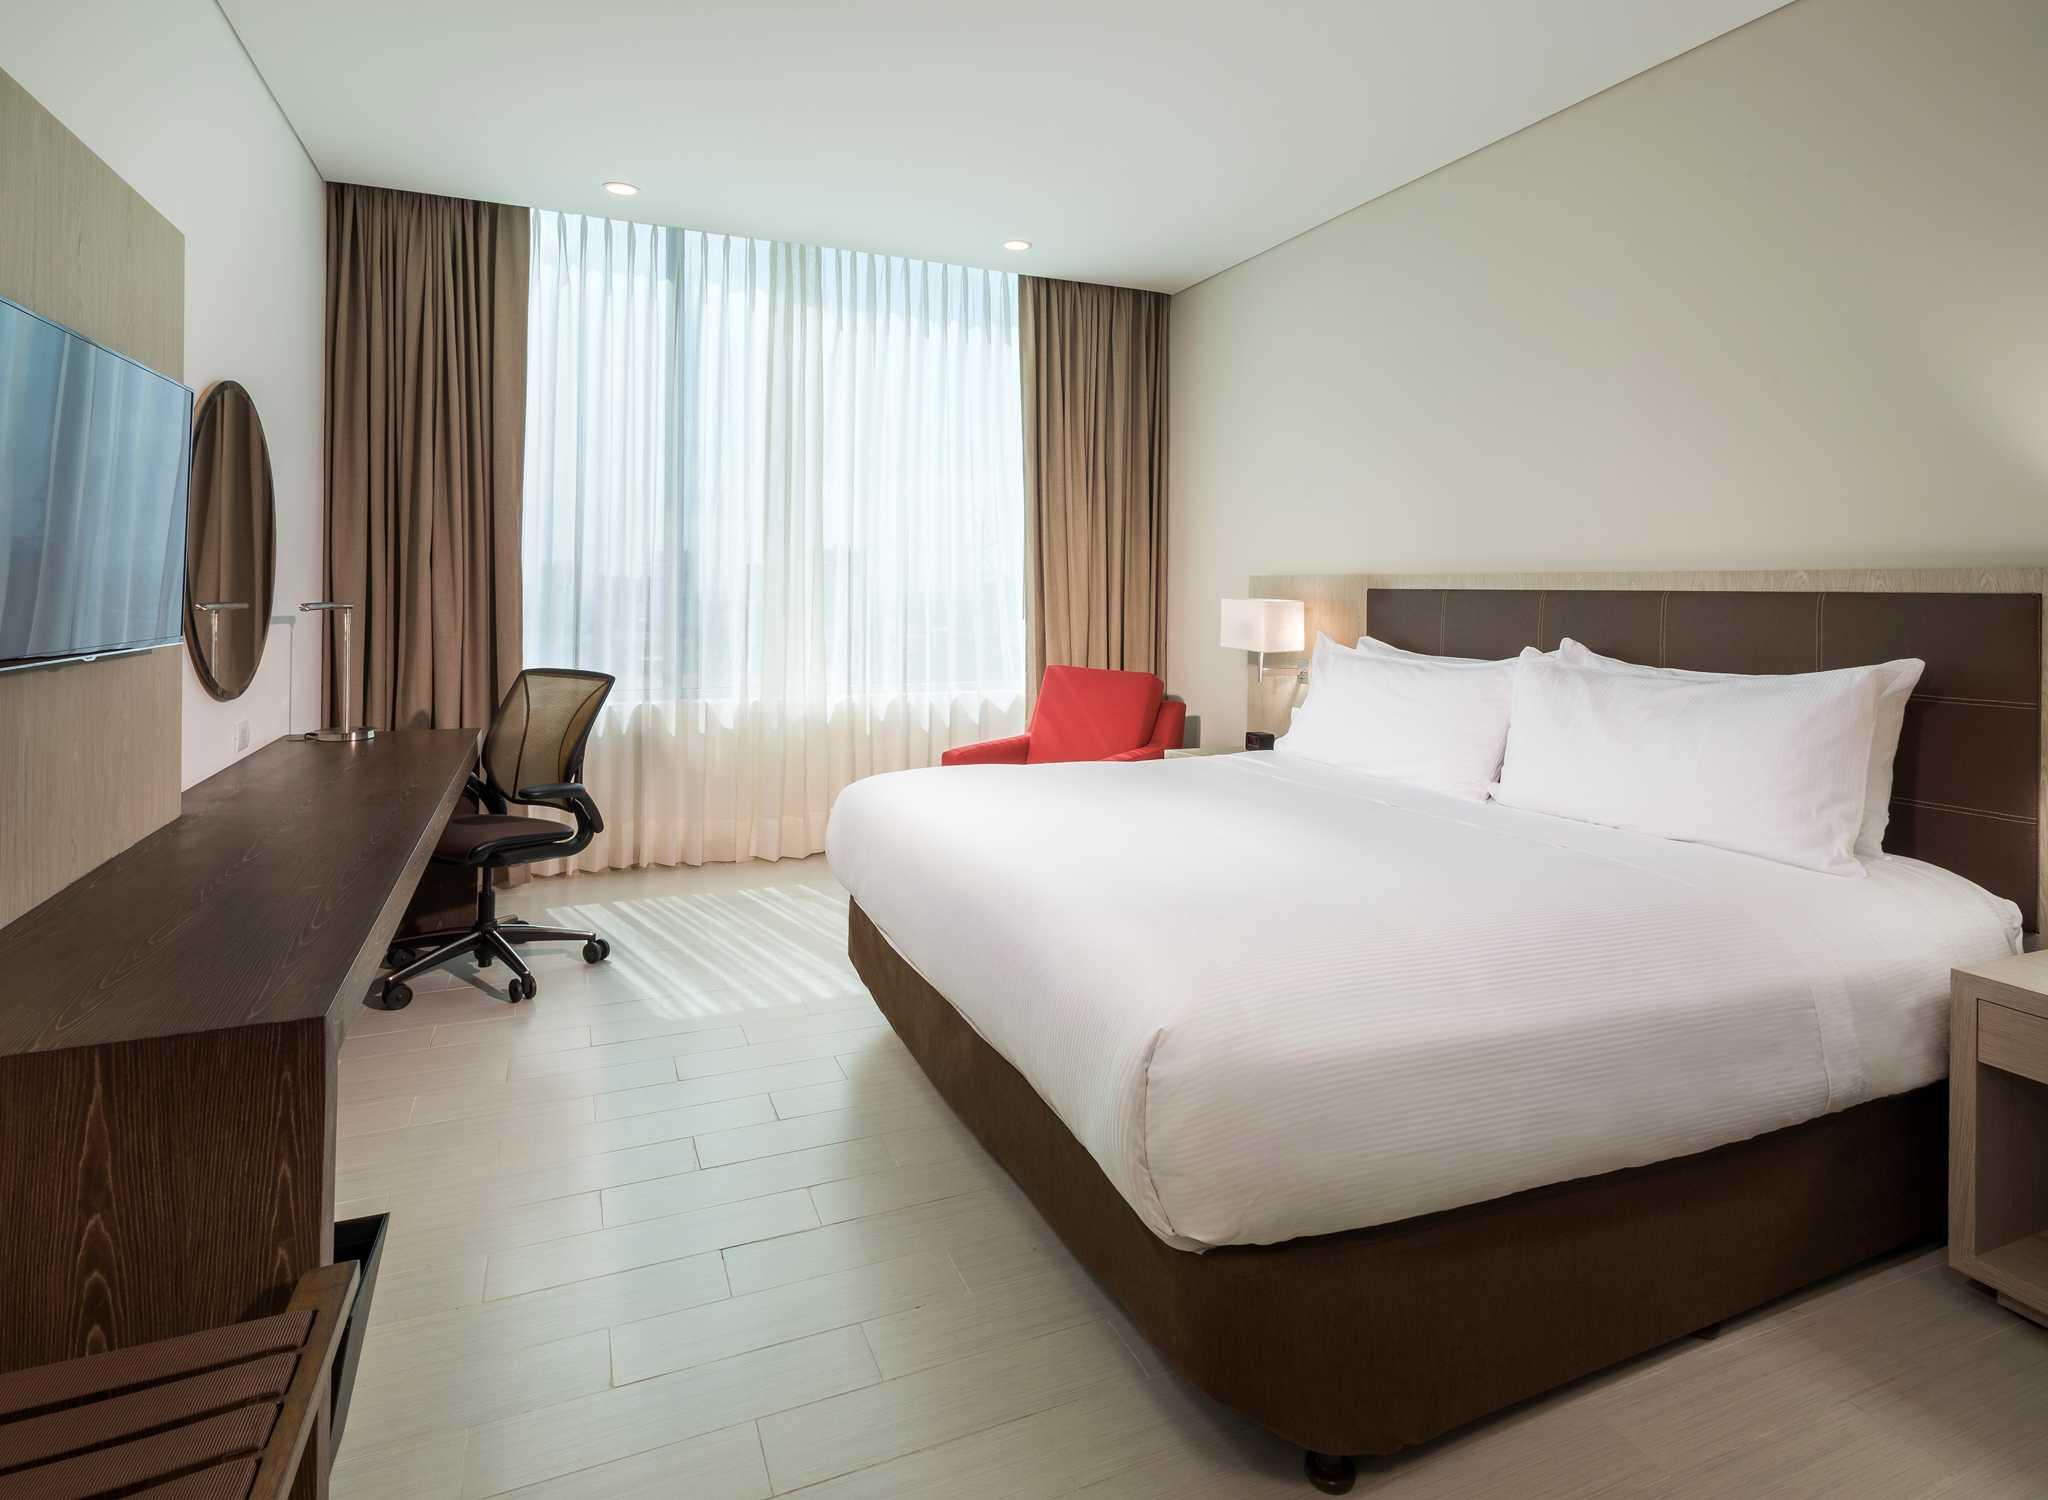 Garden Inn Hotel Mjlsinfo